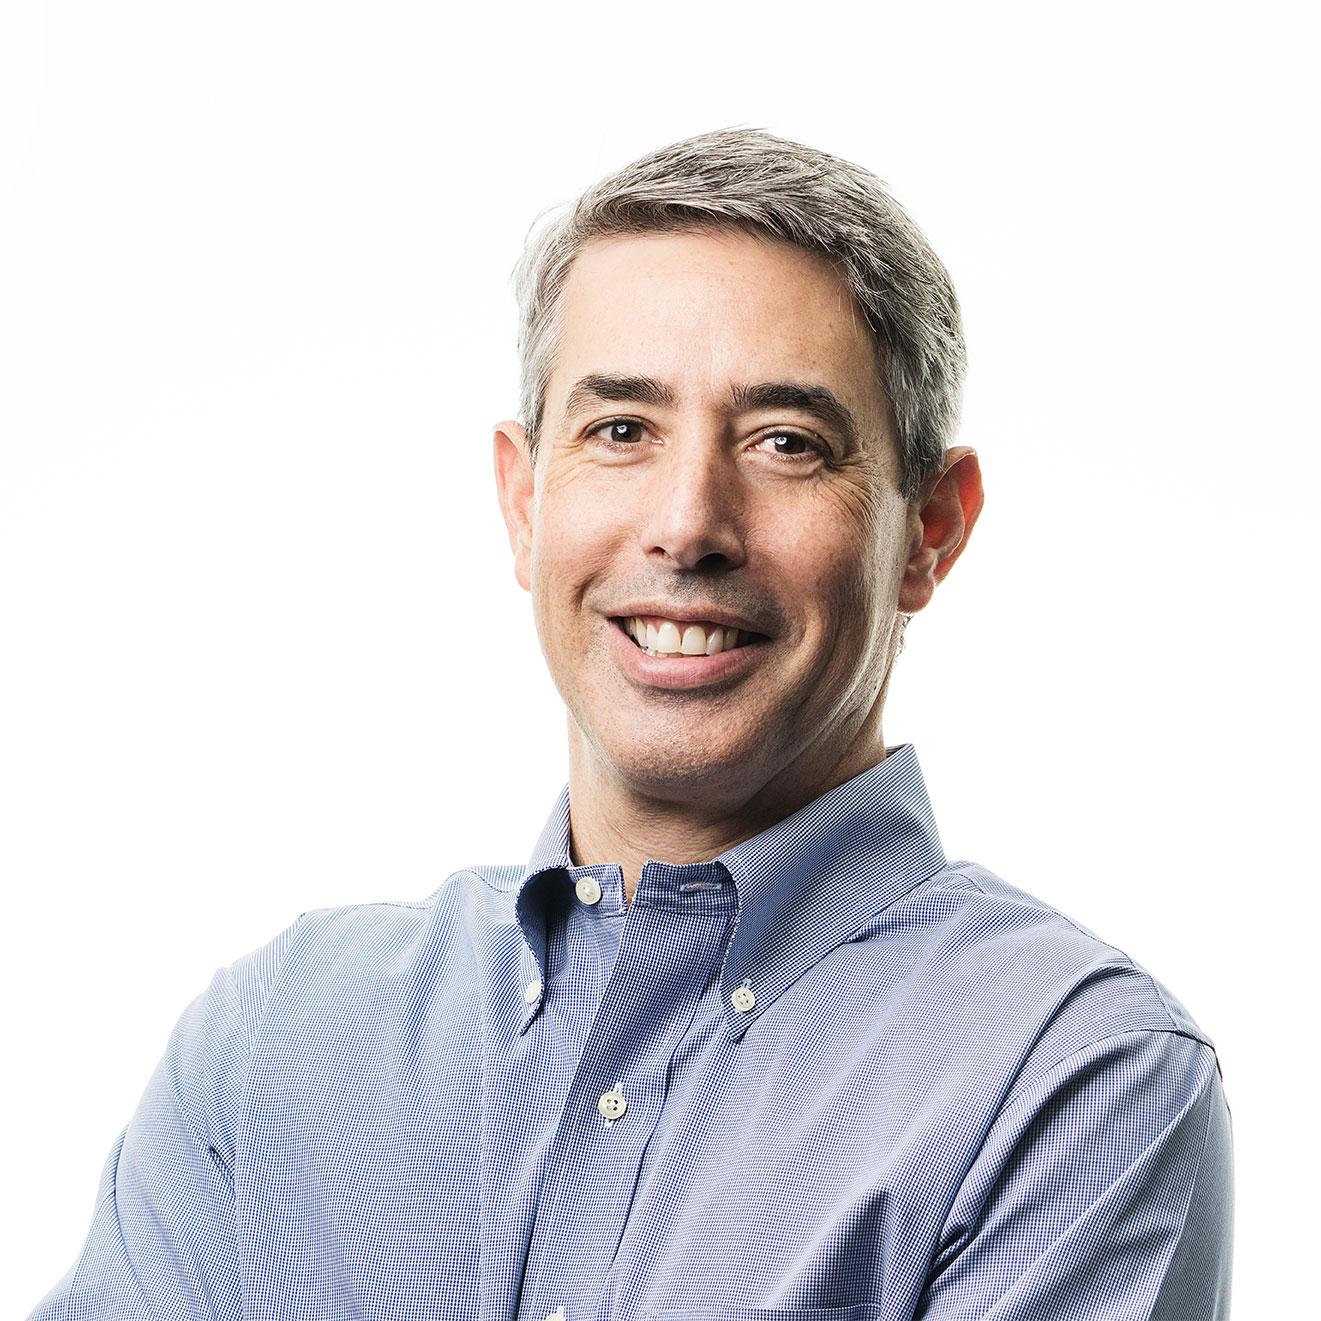 Seth Ravine